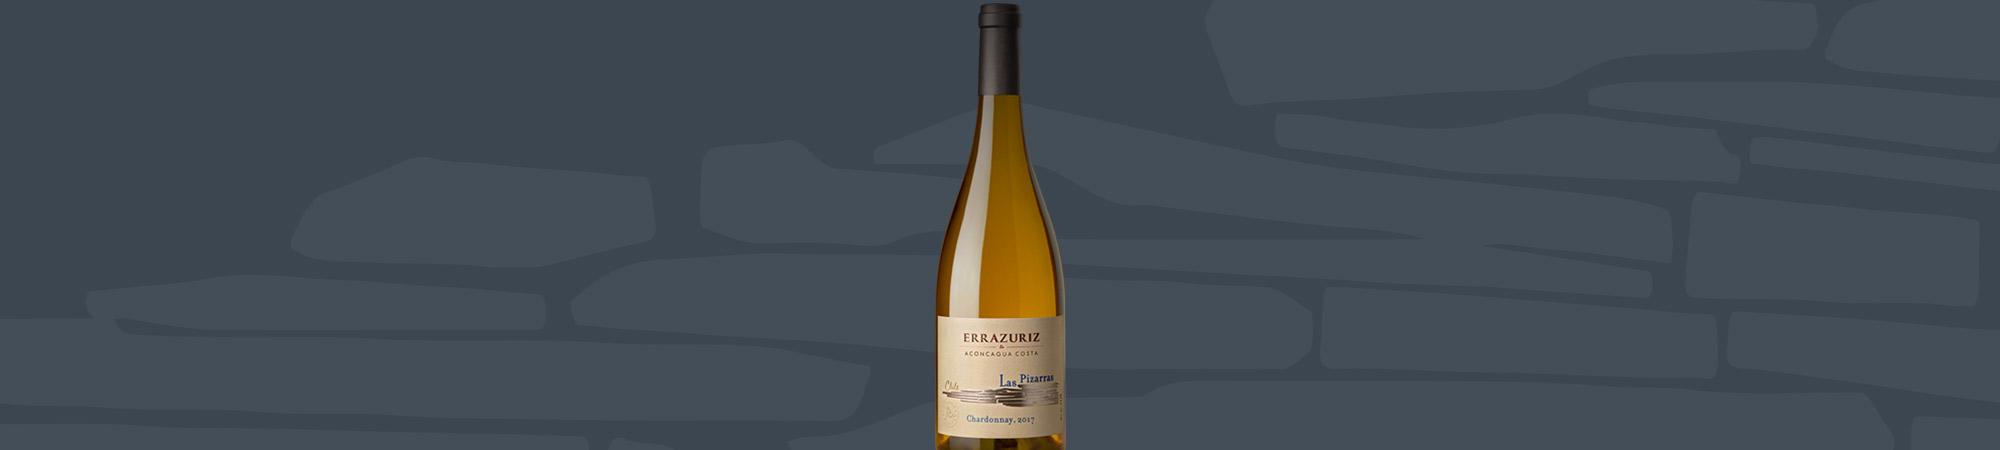 Errázuriz Las Pizarras Chardonnay 2017